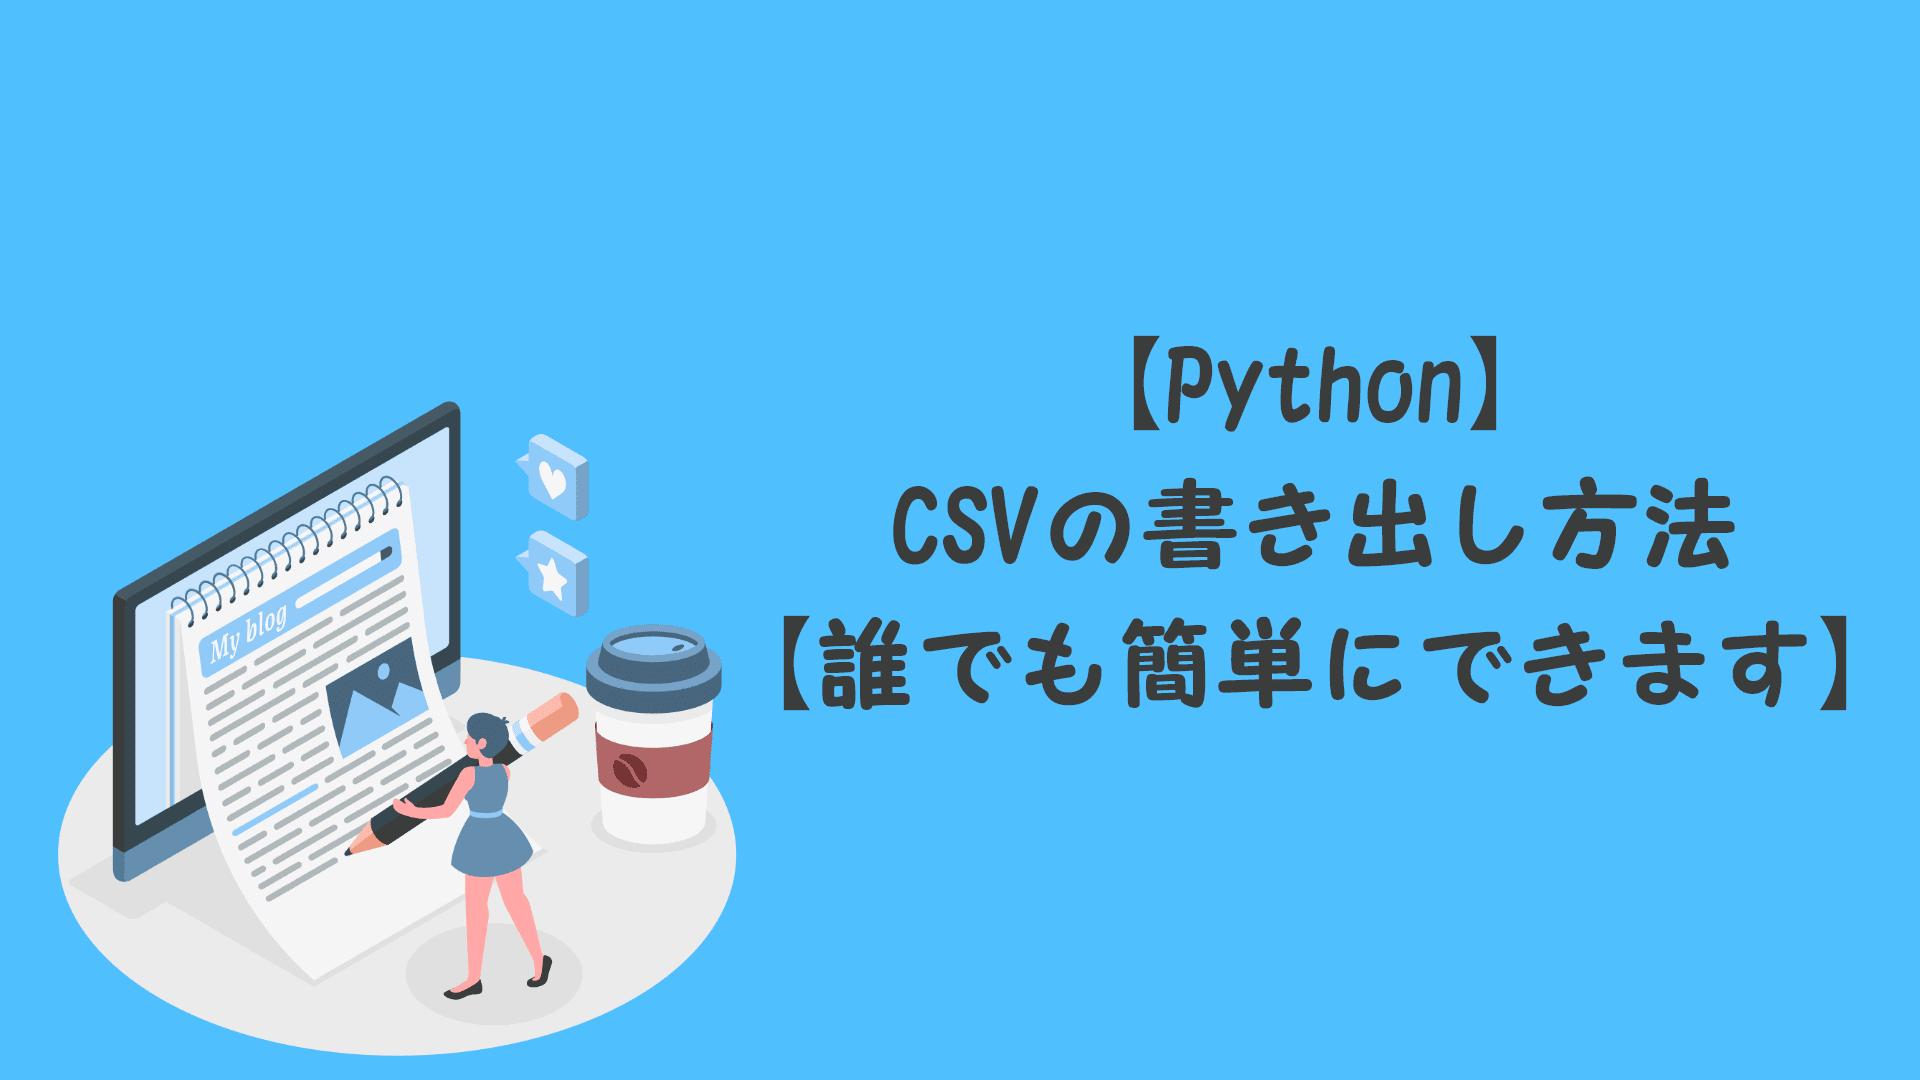 【Python】CSVの書き出し方法【誰でも簡単にできます】